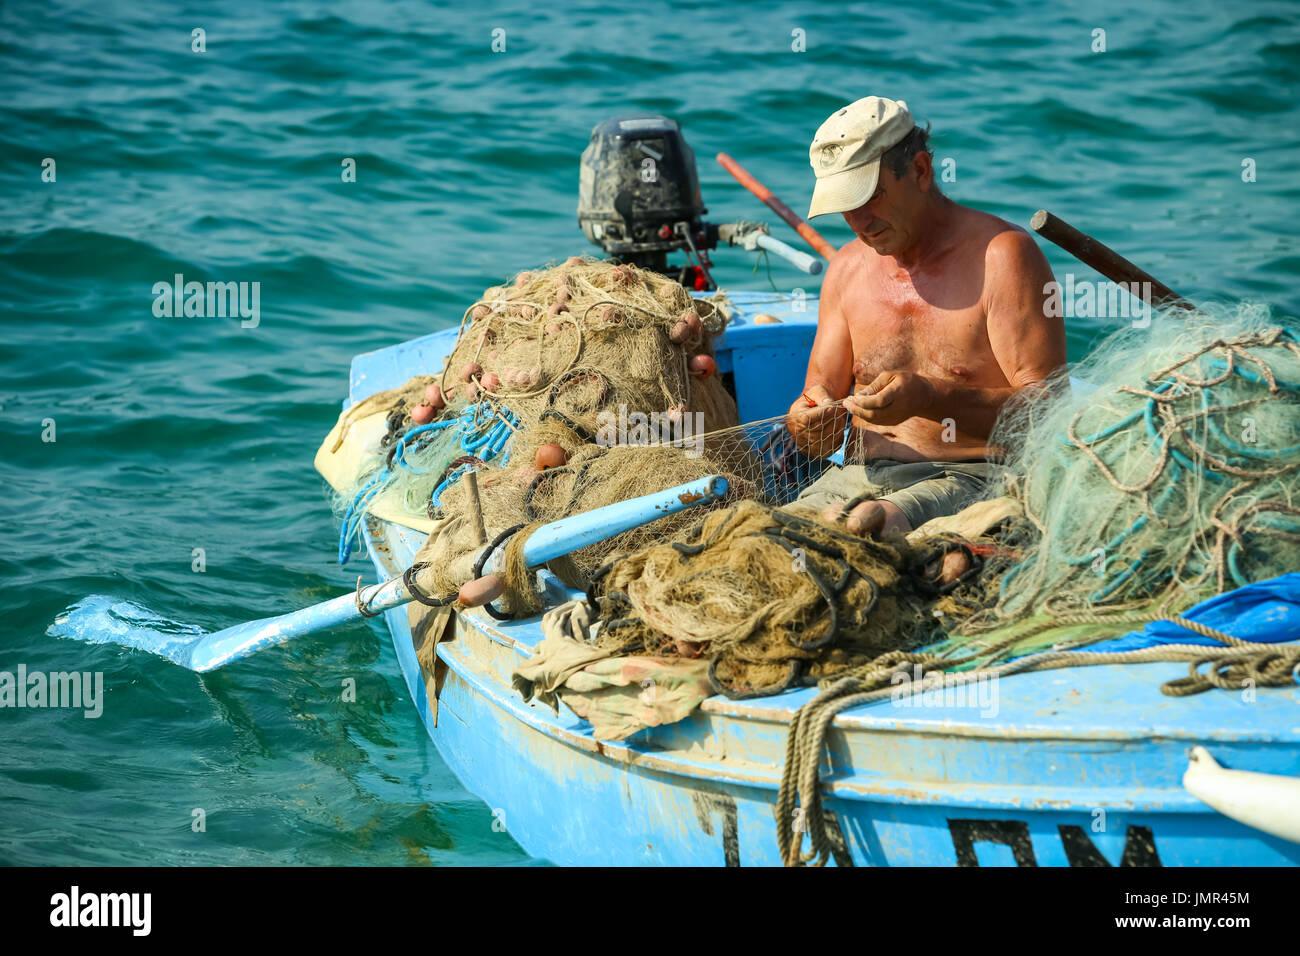 NJIVICE, CROATIA - JUNE 24, 2017 : A fisherman in an anchored boat checking the fishing net in Njivice, Croatia. - Stock Image